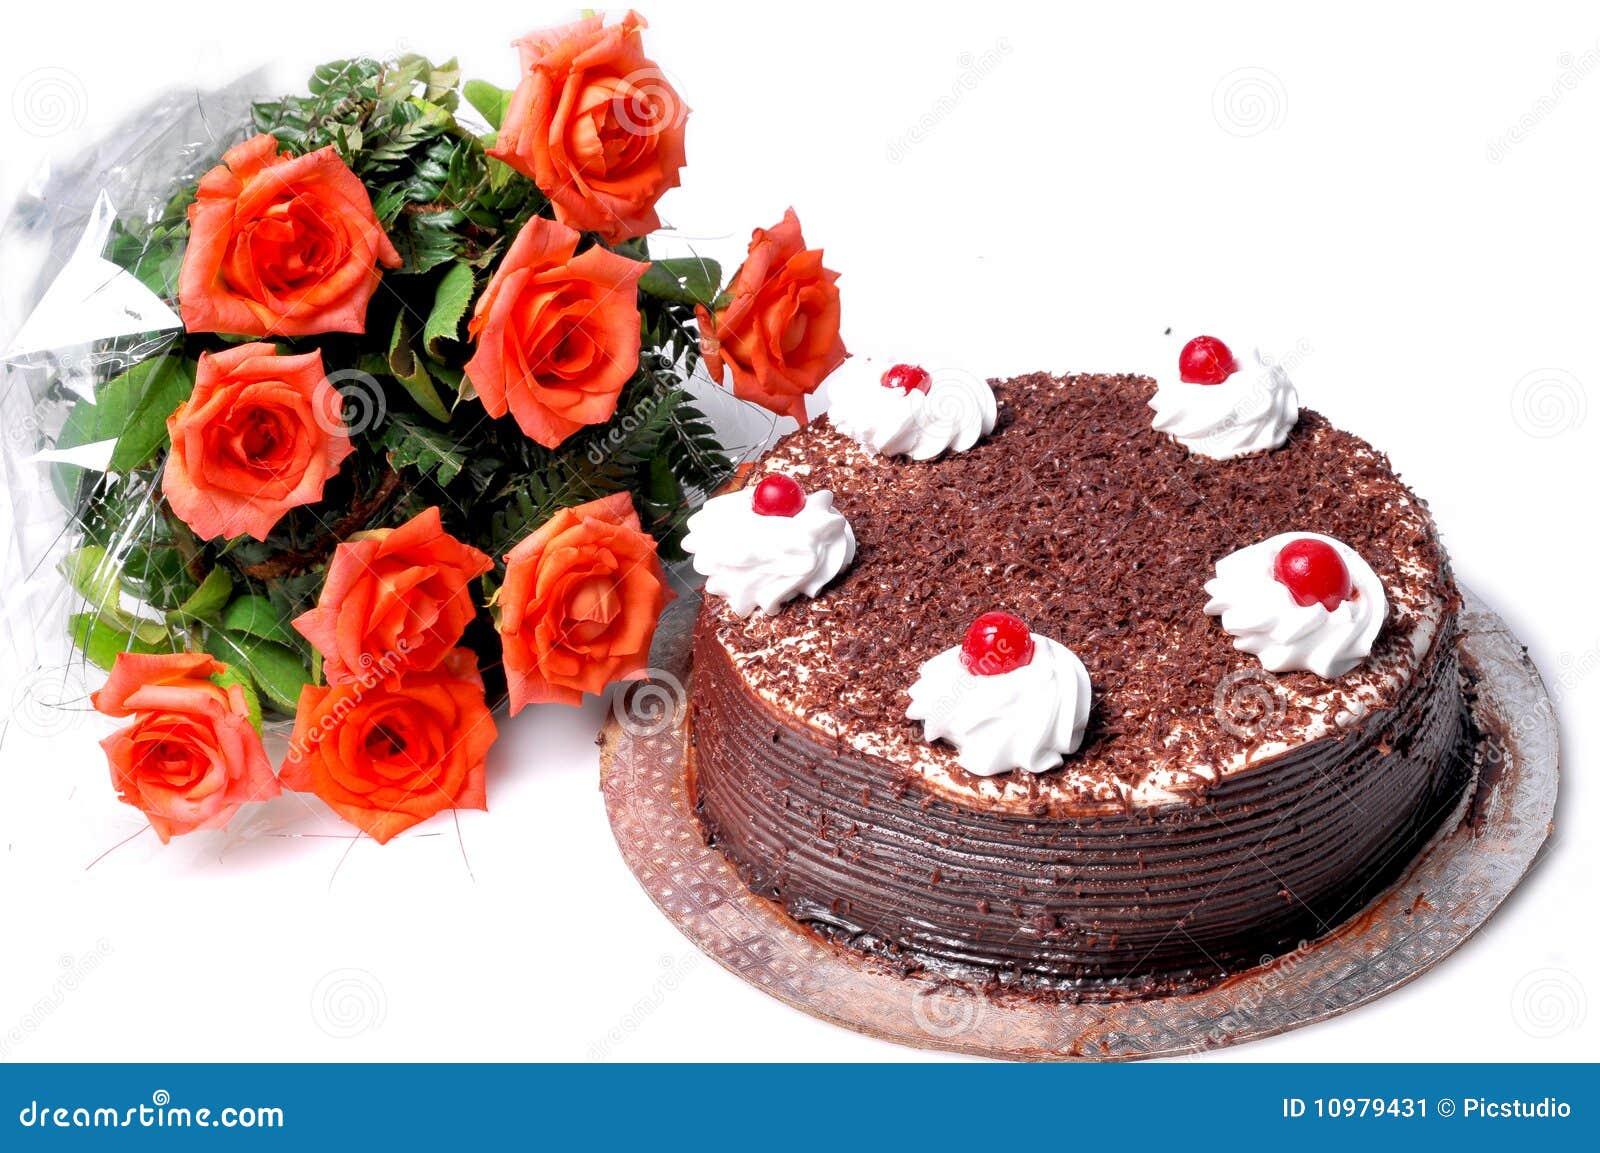 Molto Torta E Fiori Di Compleanno Immagine Stock - Immagine: 10979431 ZF24